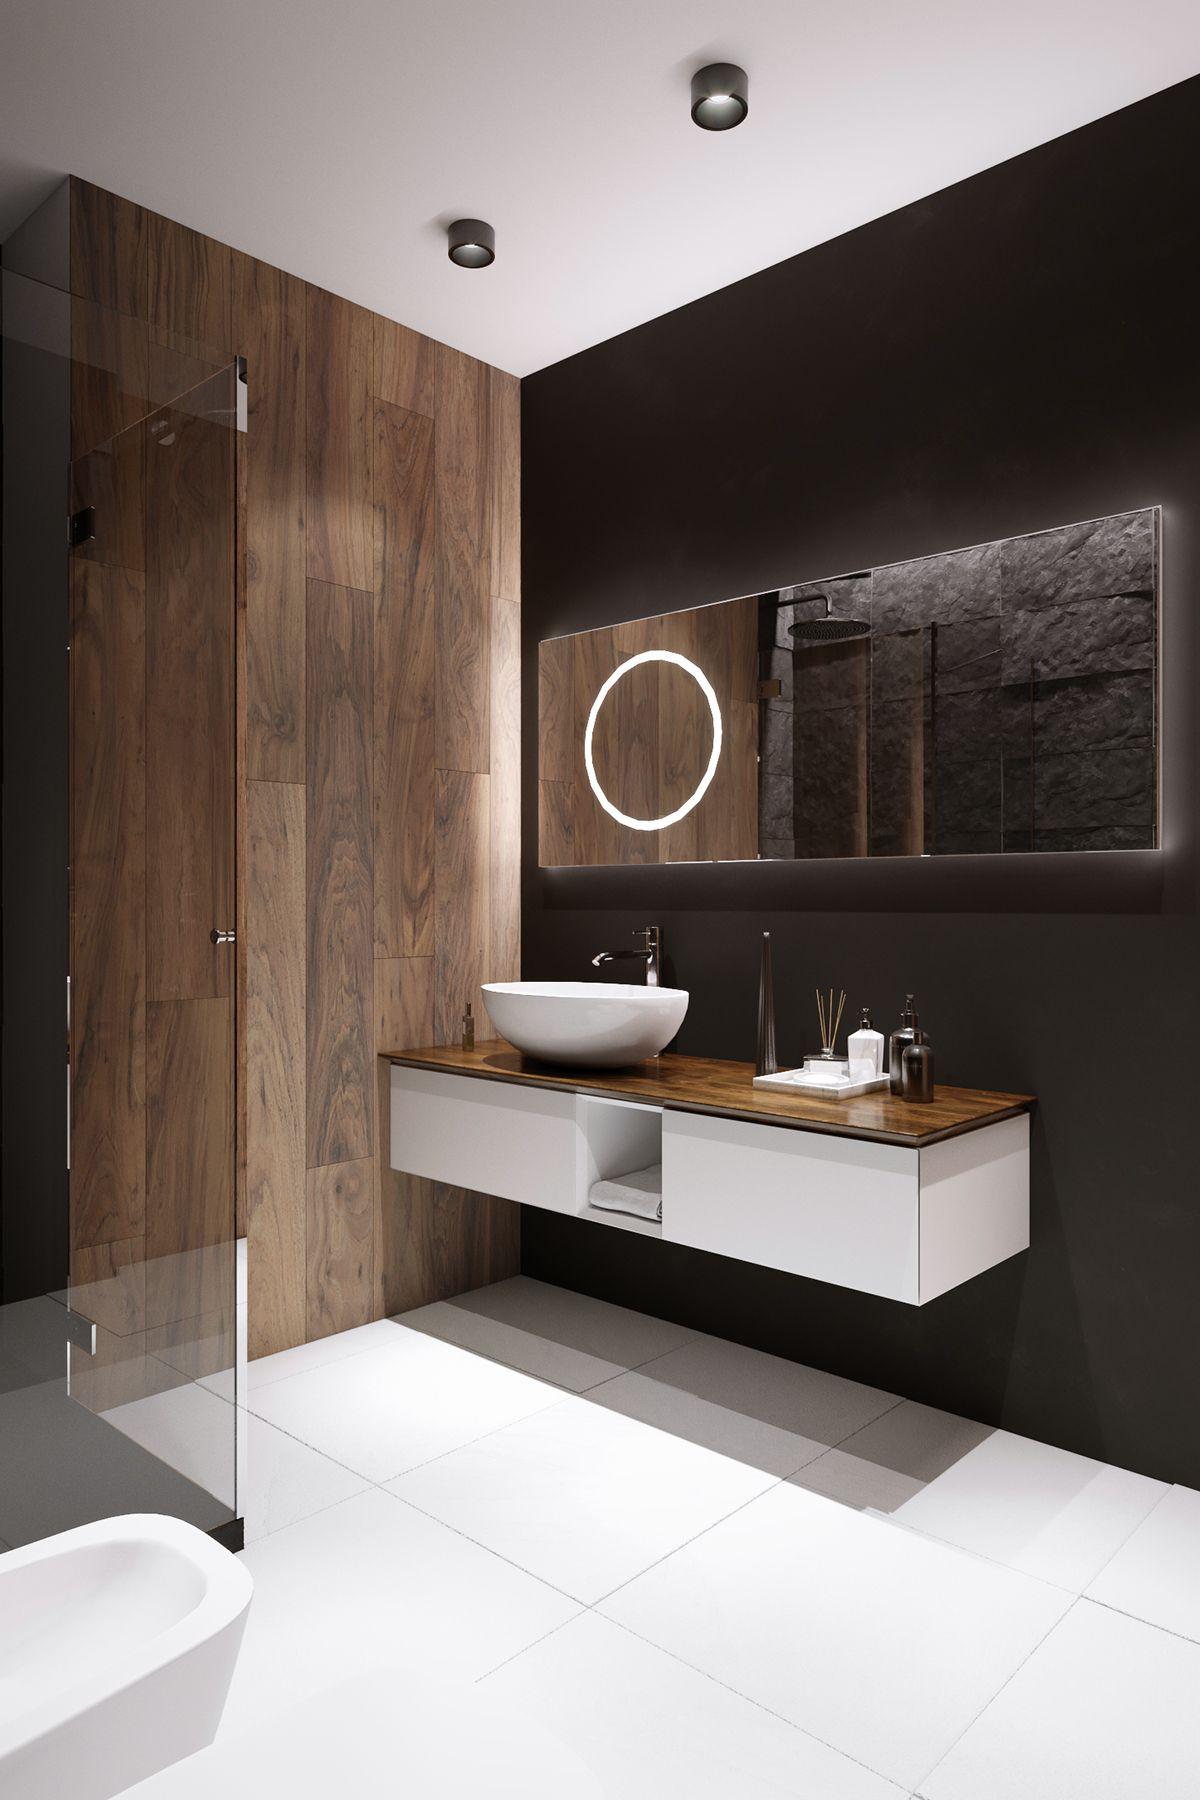 Room Lighting Design Software: Washroom Design, Bathroom Design